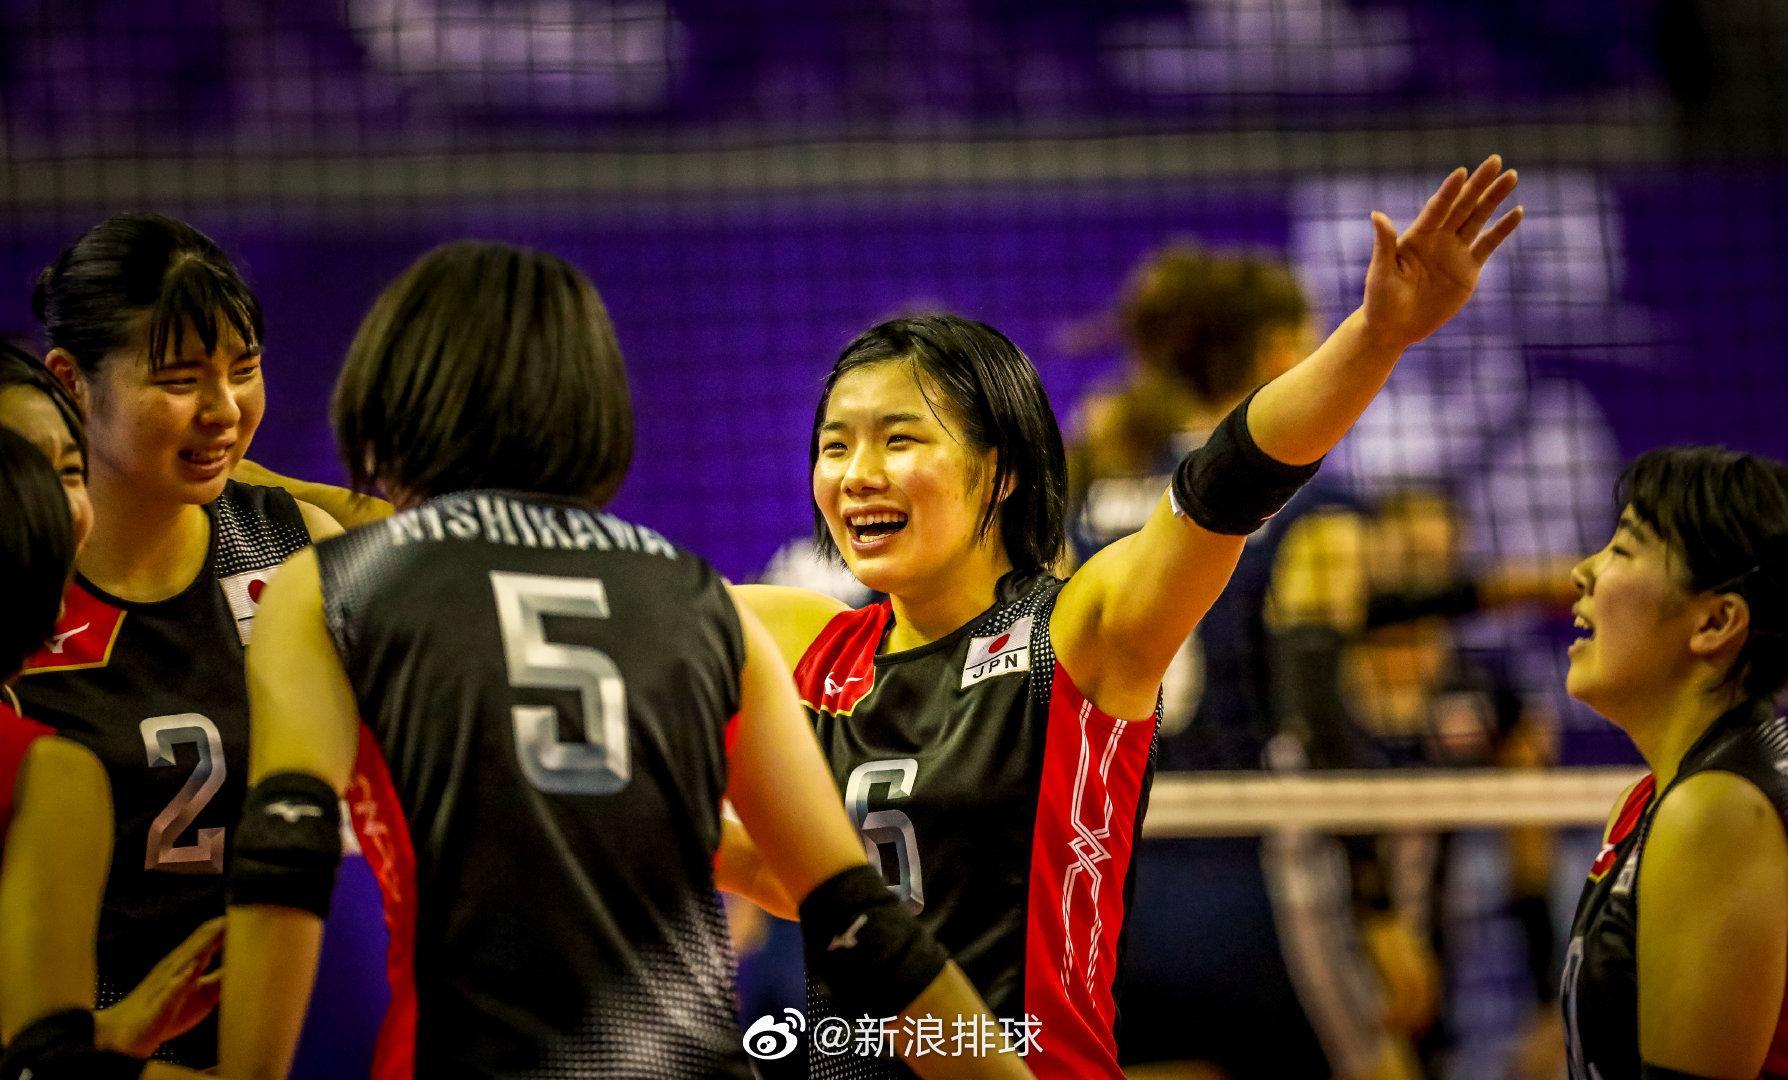 U20女排世界锦标赛八强复赛,日本3-1波兰,土耳其3-0美国